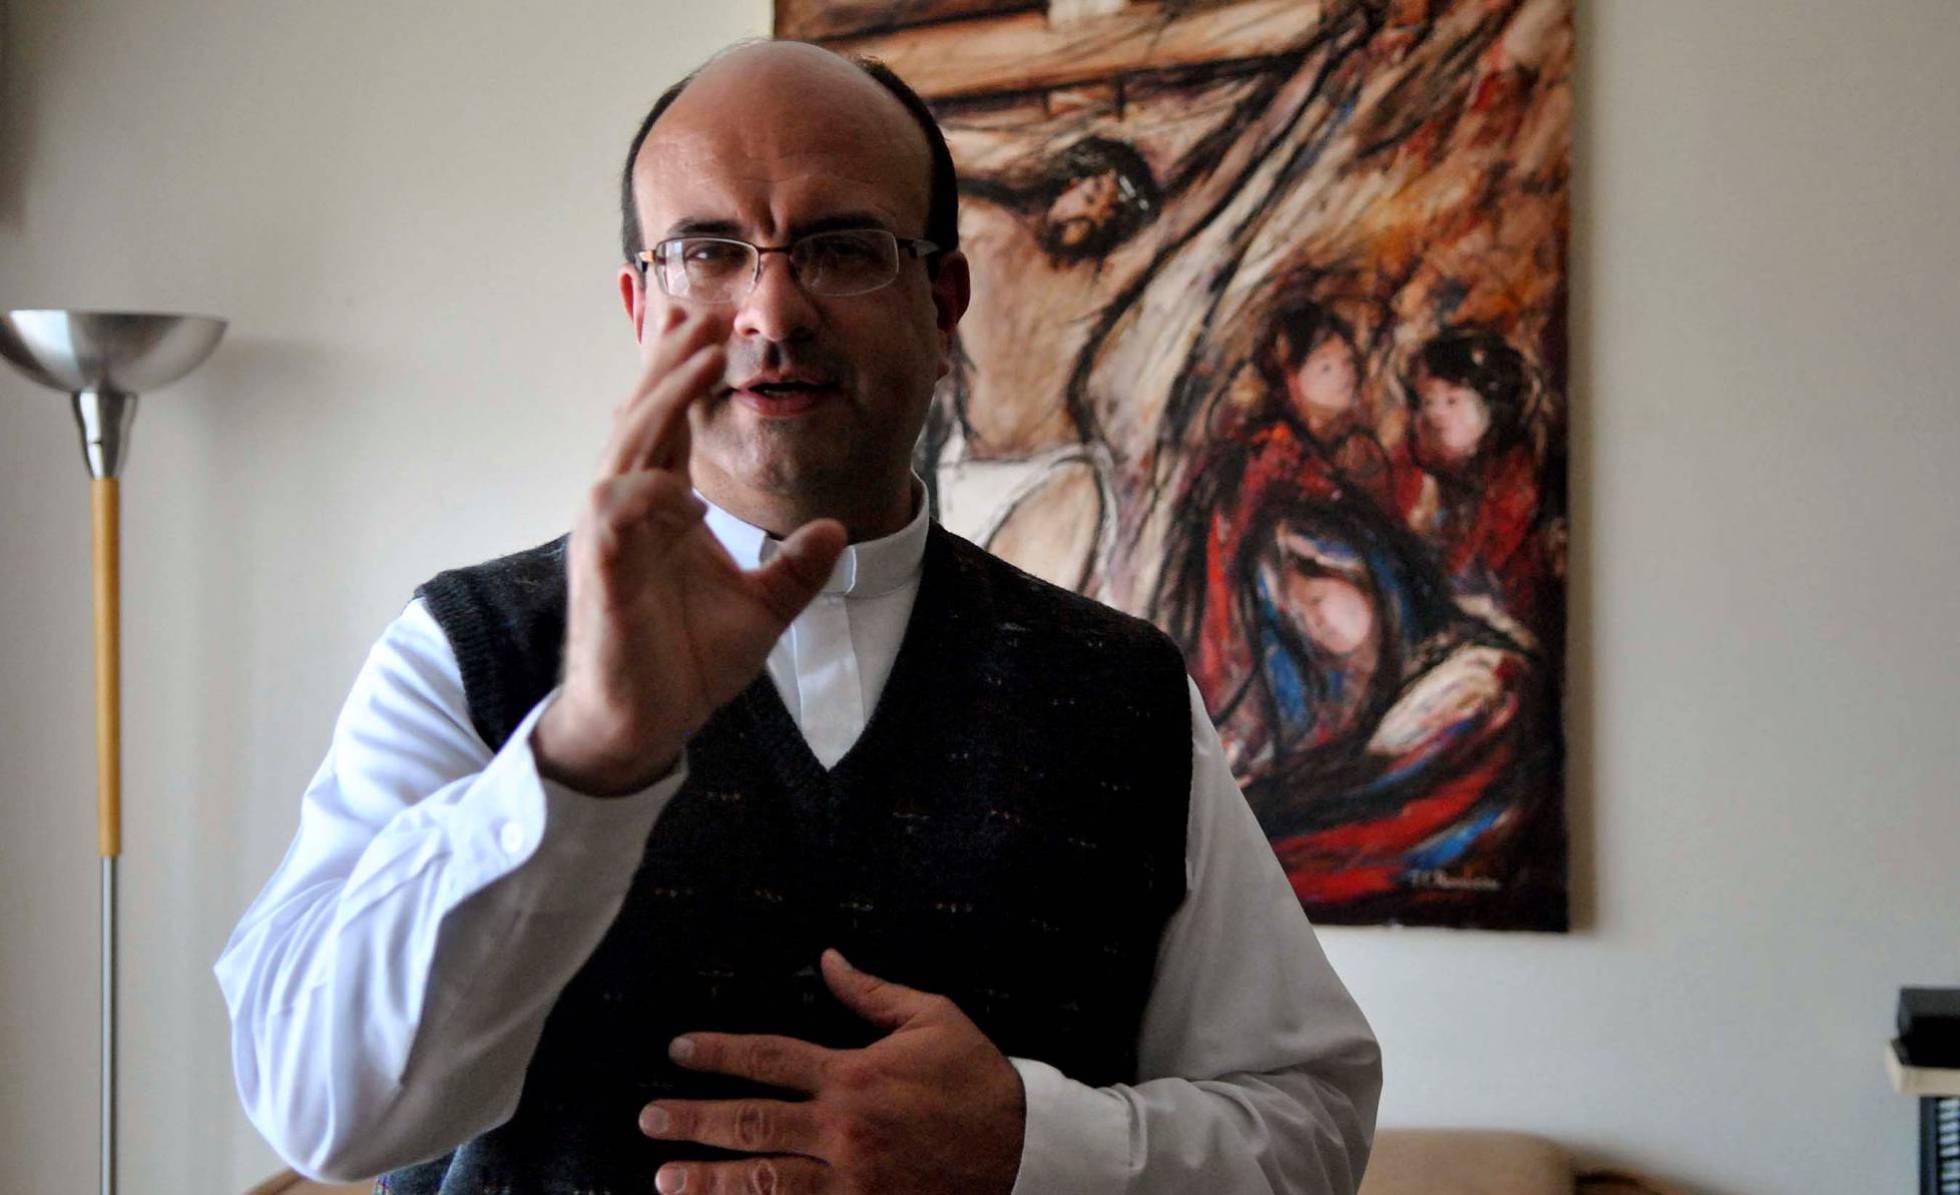 Detenido en México el sacerdote acusado de pederastia en Costa Rica al que buscaban dos víctimas